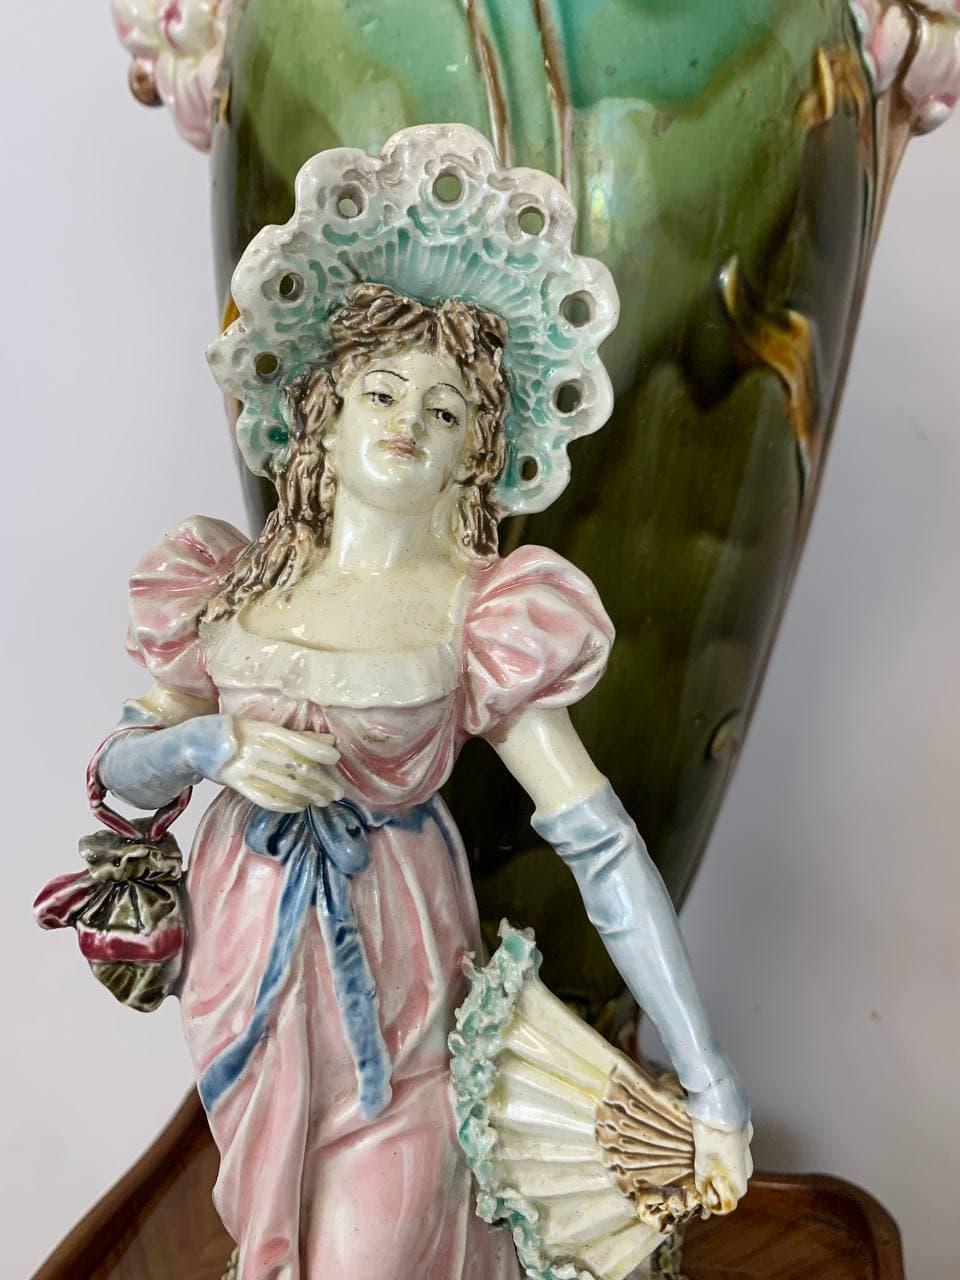 Антикварные вазы барботин с галантным сюжетом